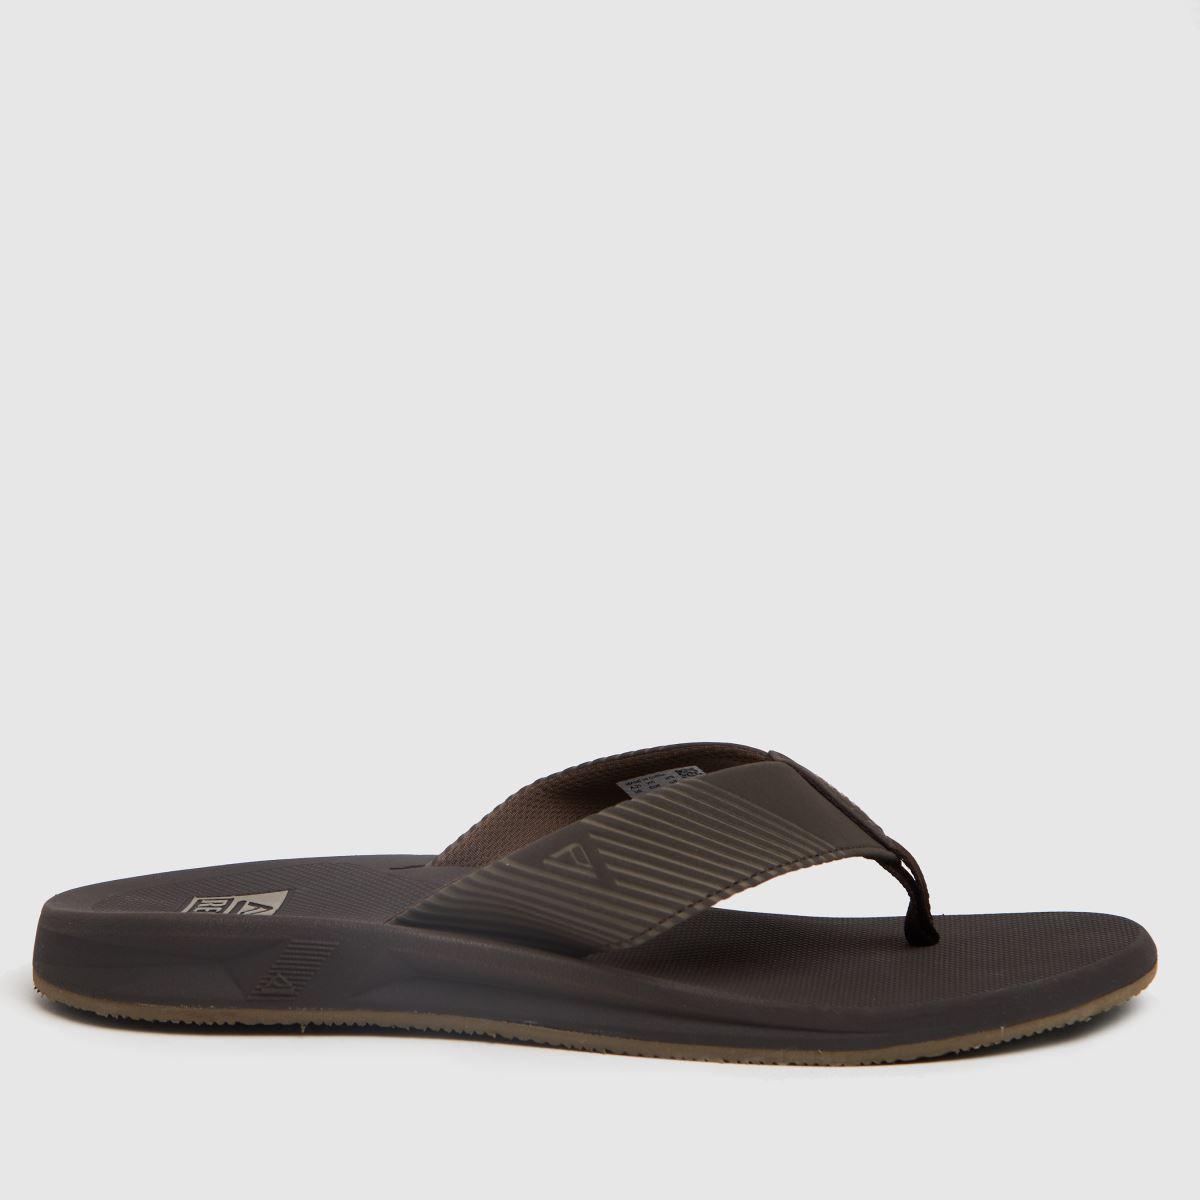 Reef Dark Brown Phantom Ii Sandals